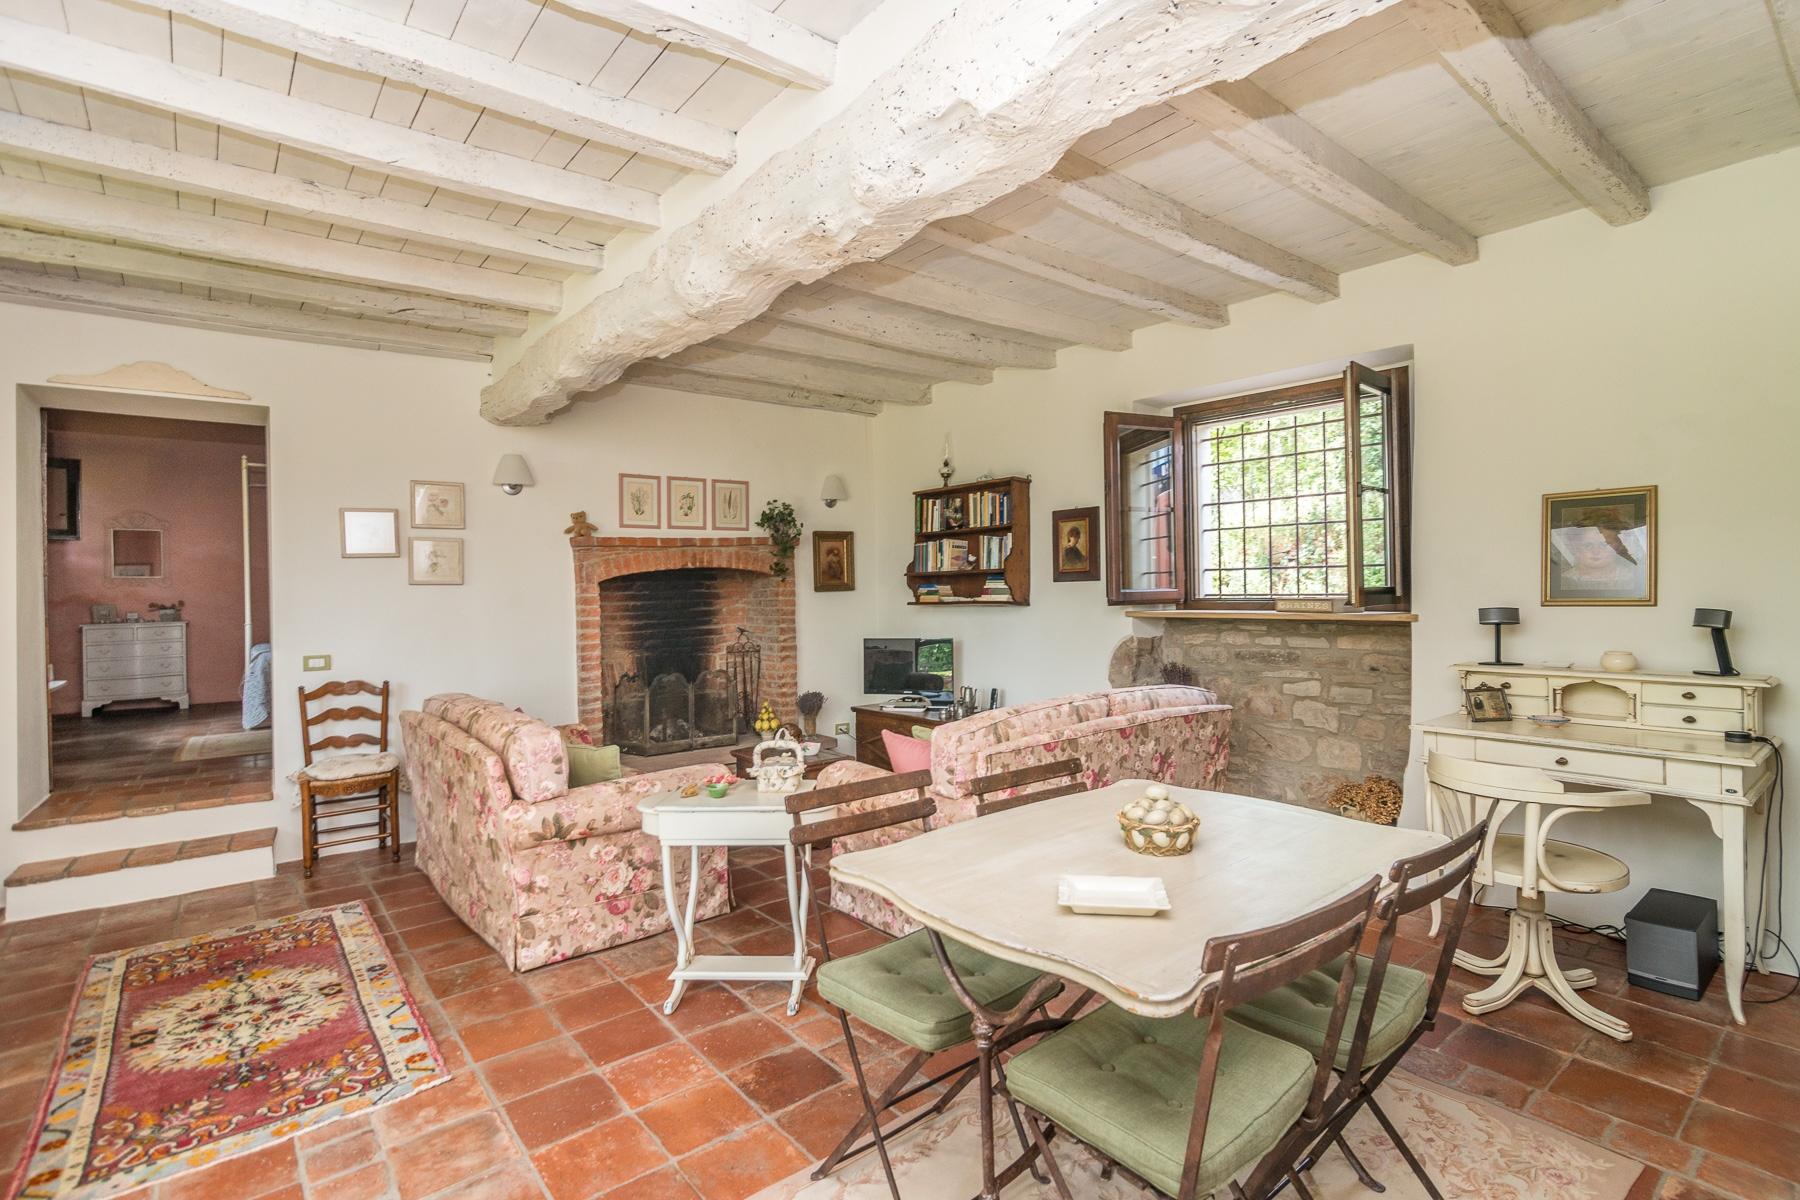 Casa indipendente in Vendita a Ziano Piacentino: 5 locali, 260 mq - Foto 11